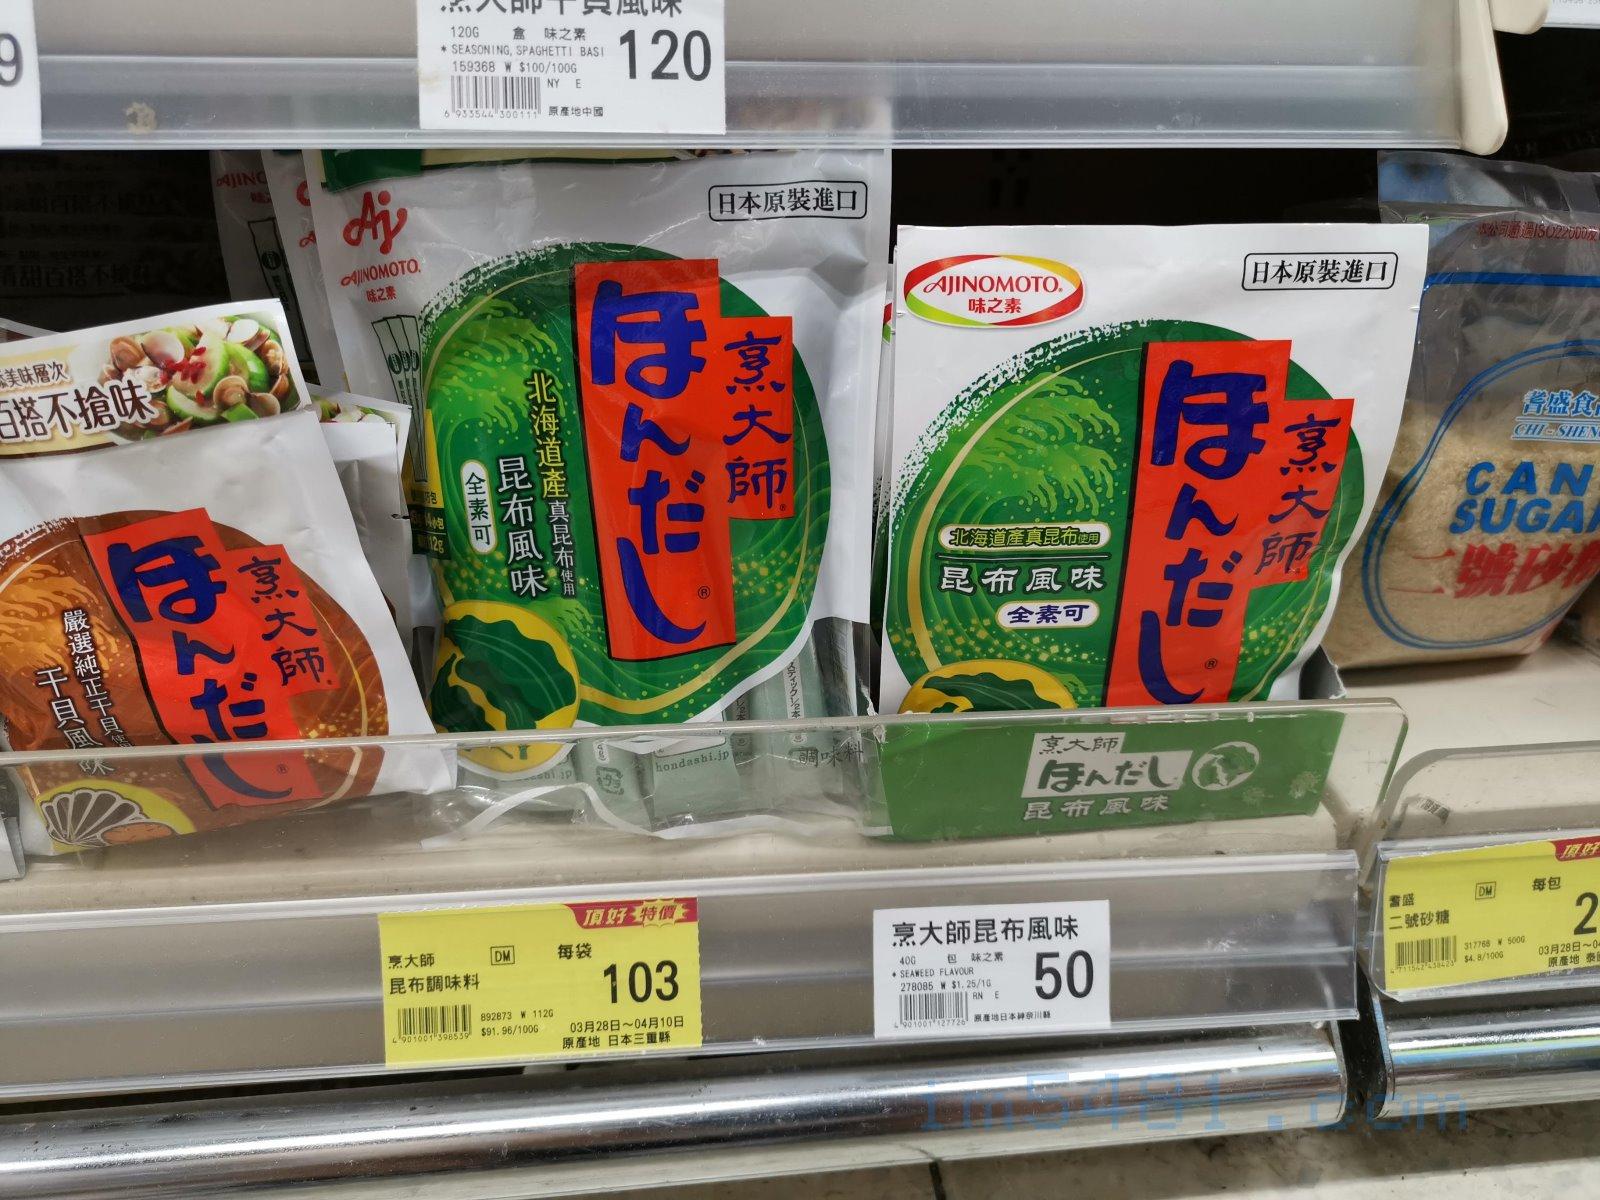 頂好超市賣的烹大師昆布風味